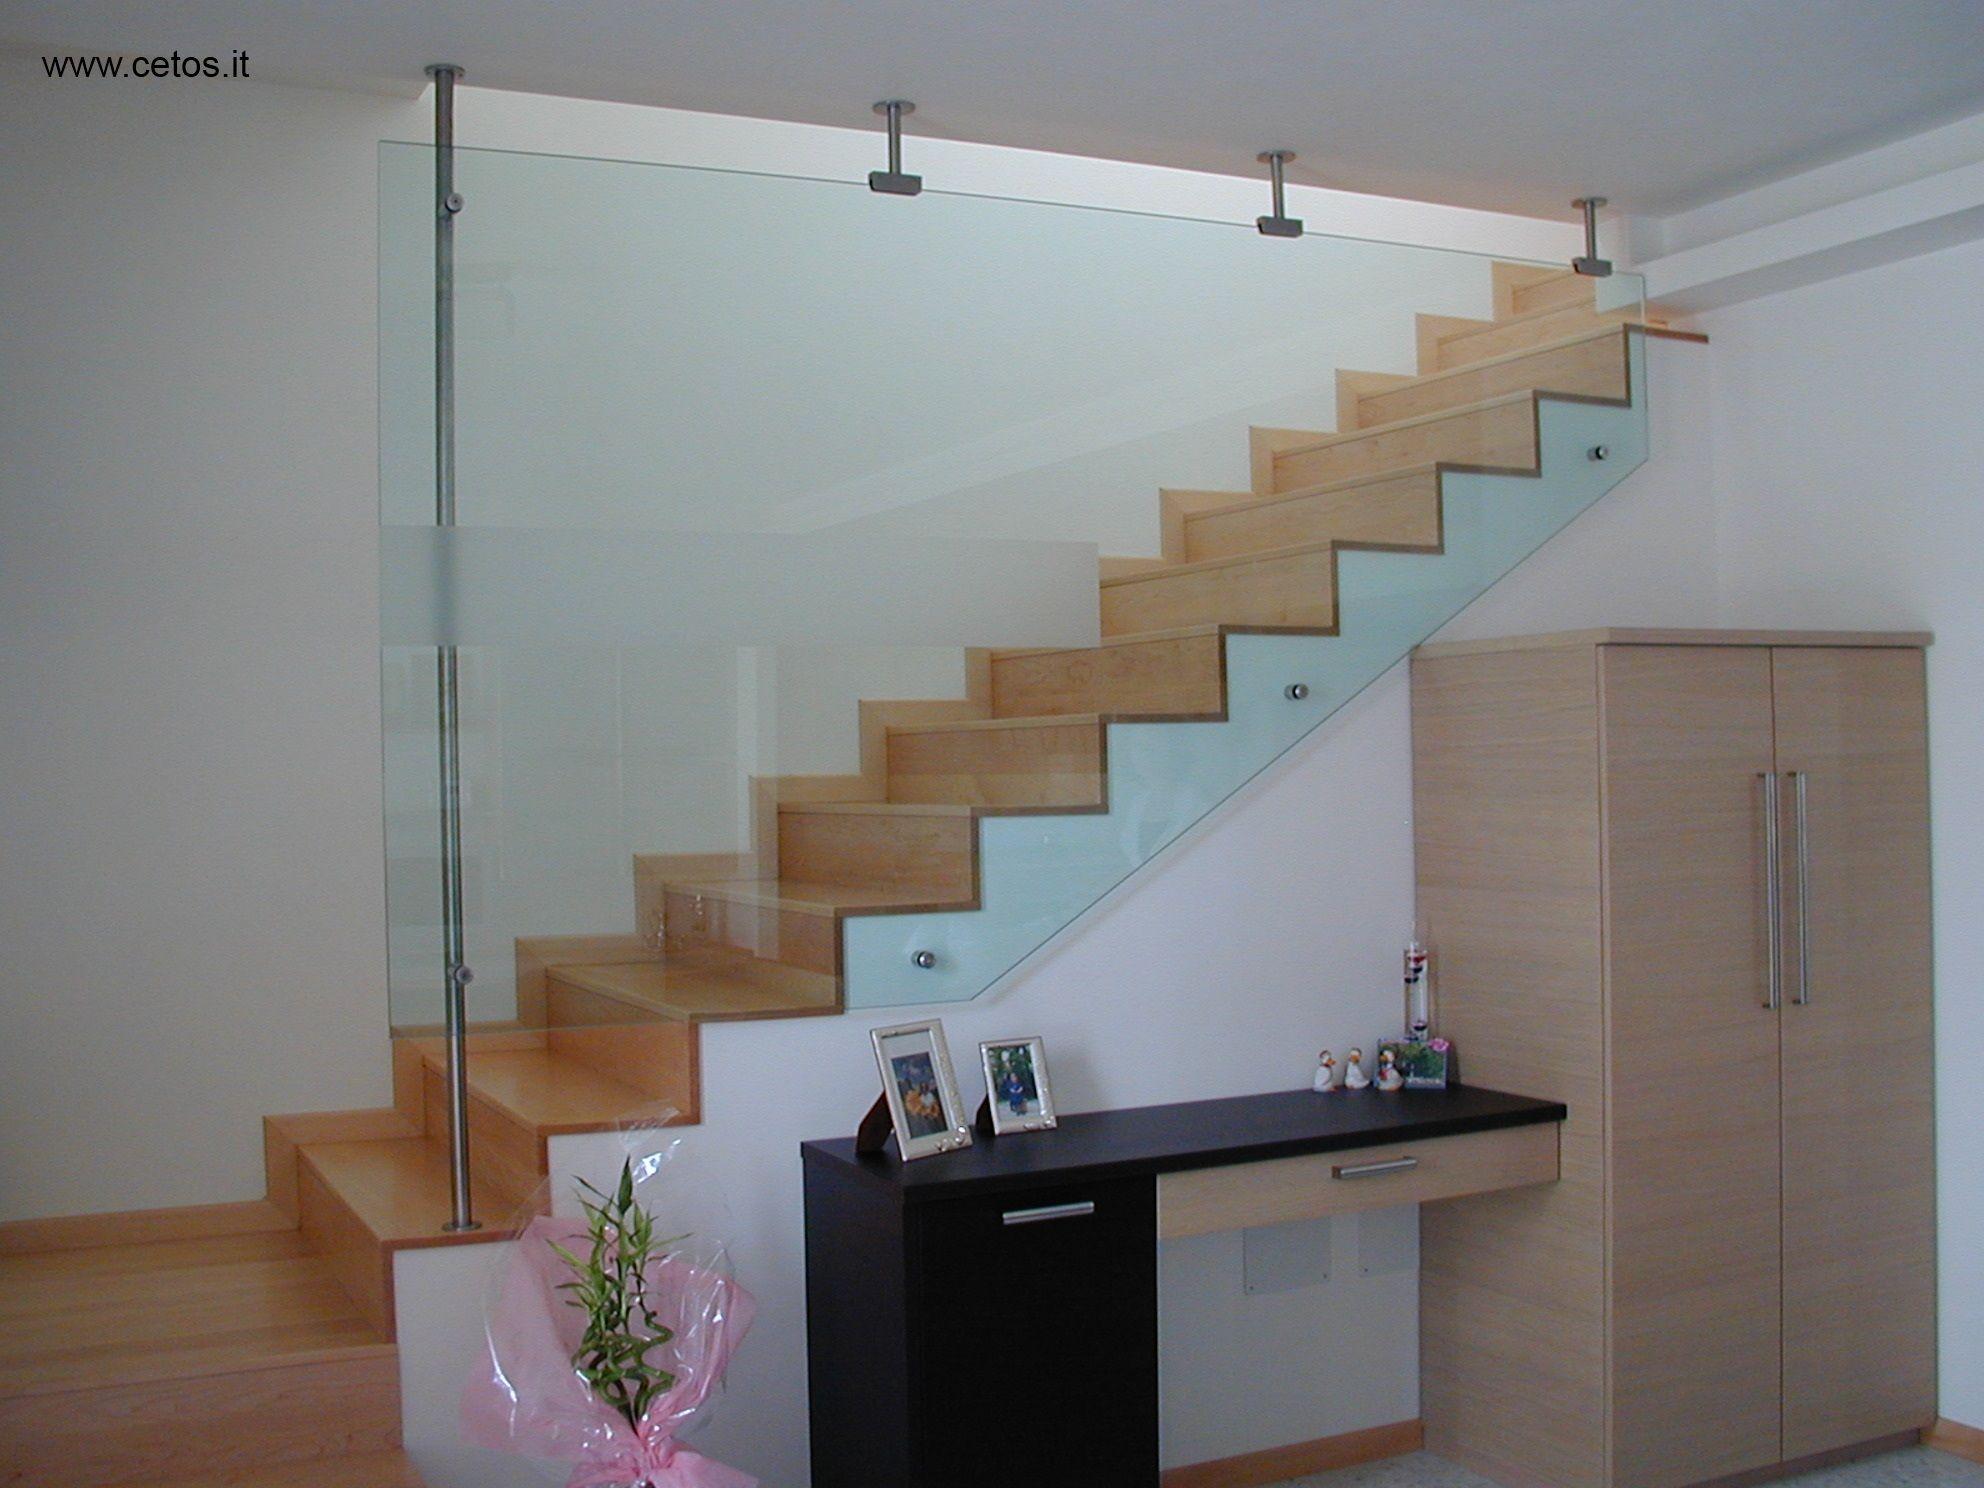 Parapetto in vetro per scala parapetti e corrimano - Corrimano in vetro per scale ...